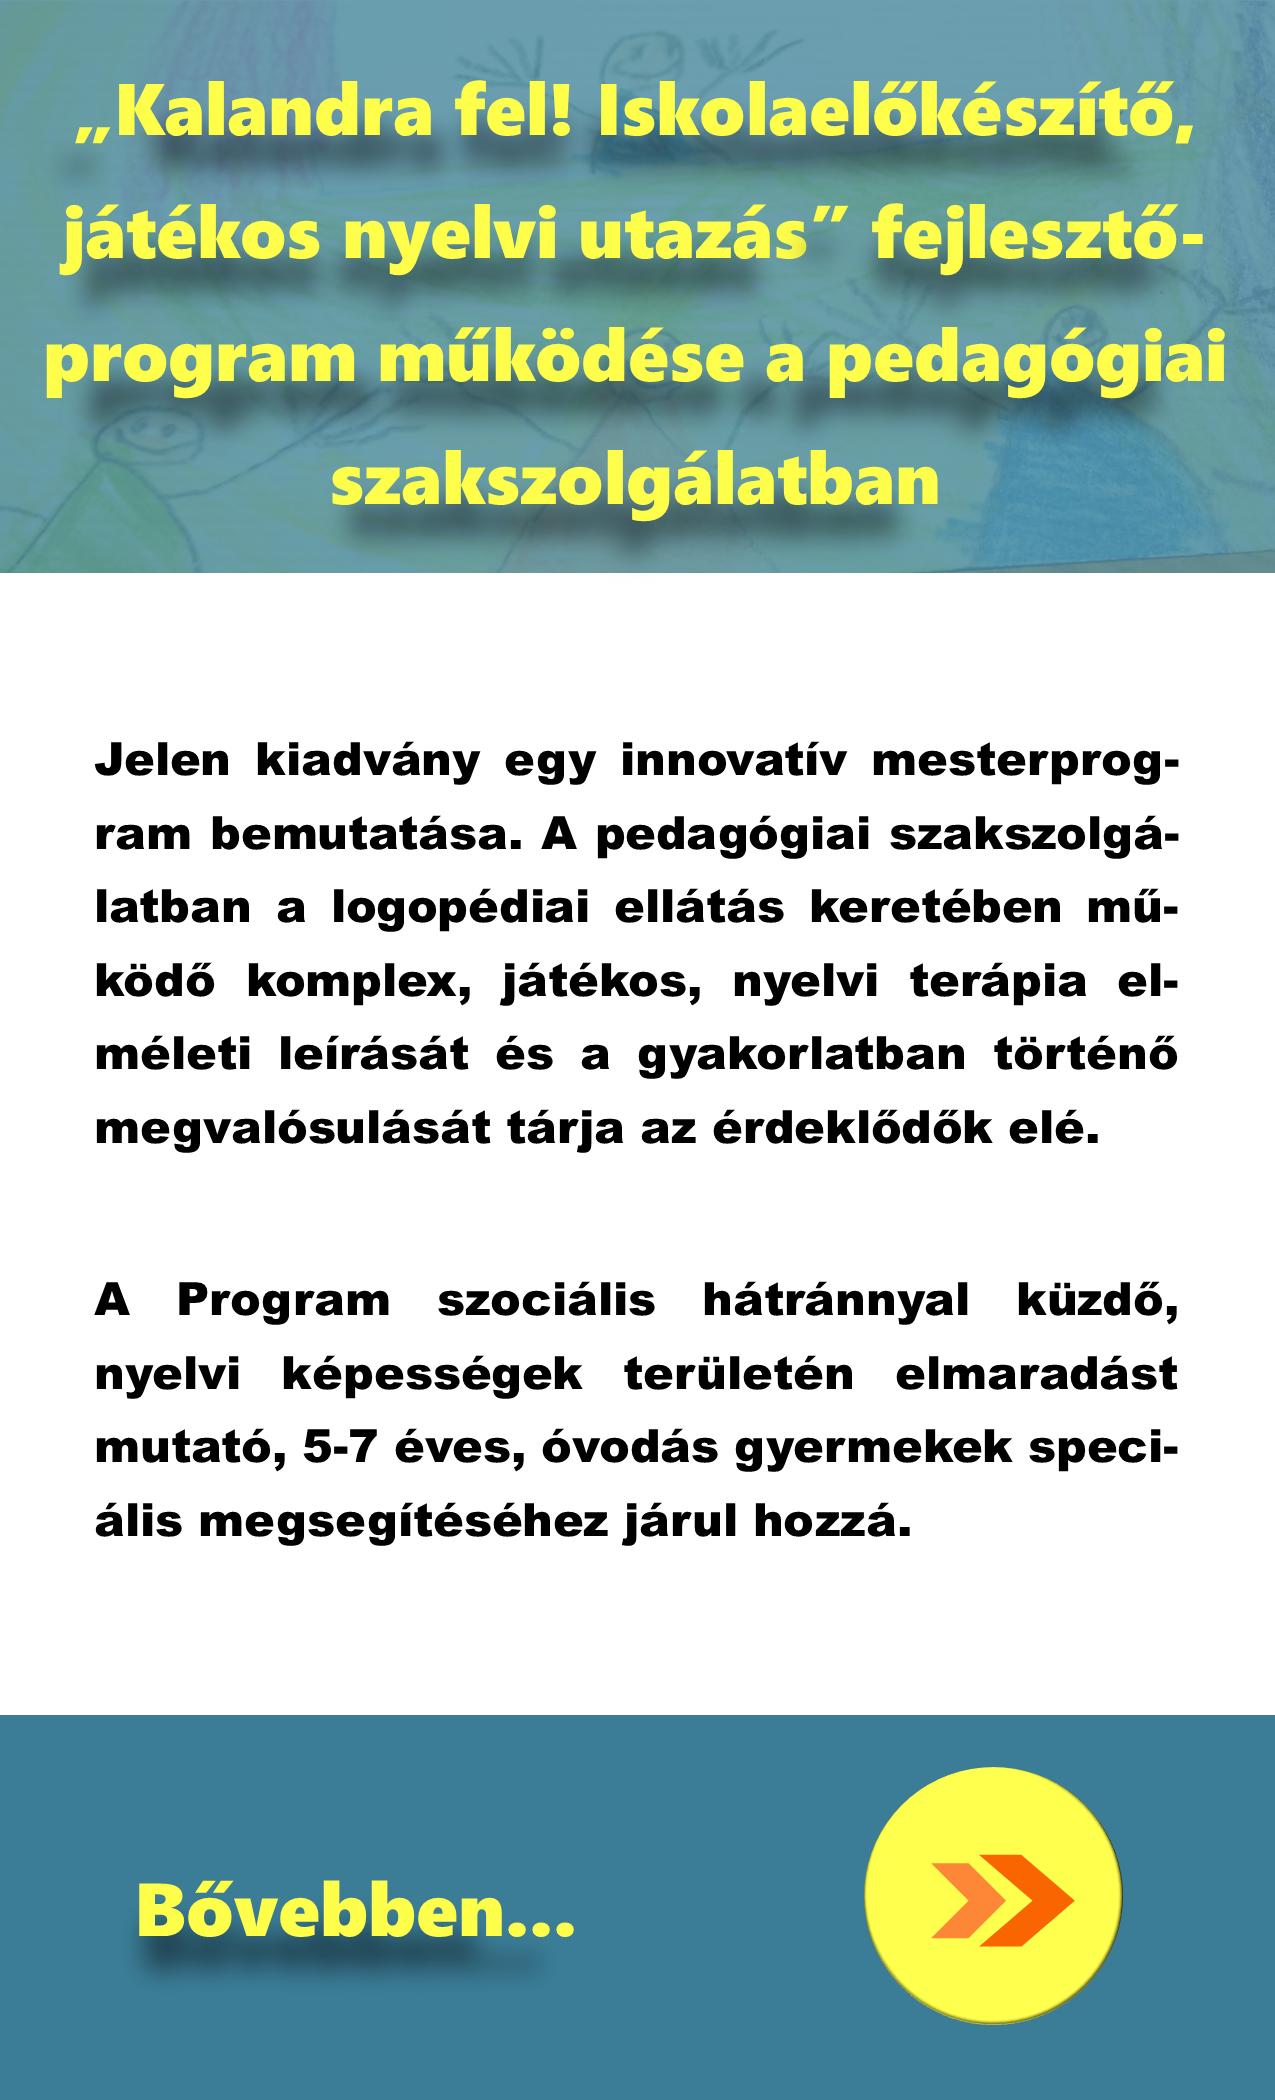 """""""Kalandra fel! iskolaelőkészítő, játékos nyelvi utazás"""" fejlesztőprogram működése a pedagógiai szakszolgálatban"""